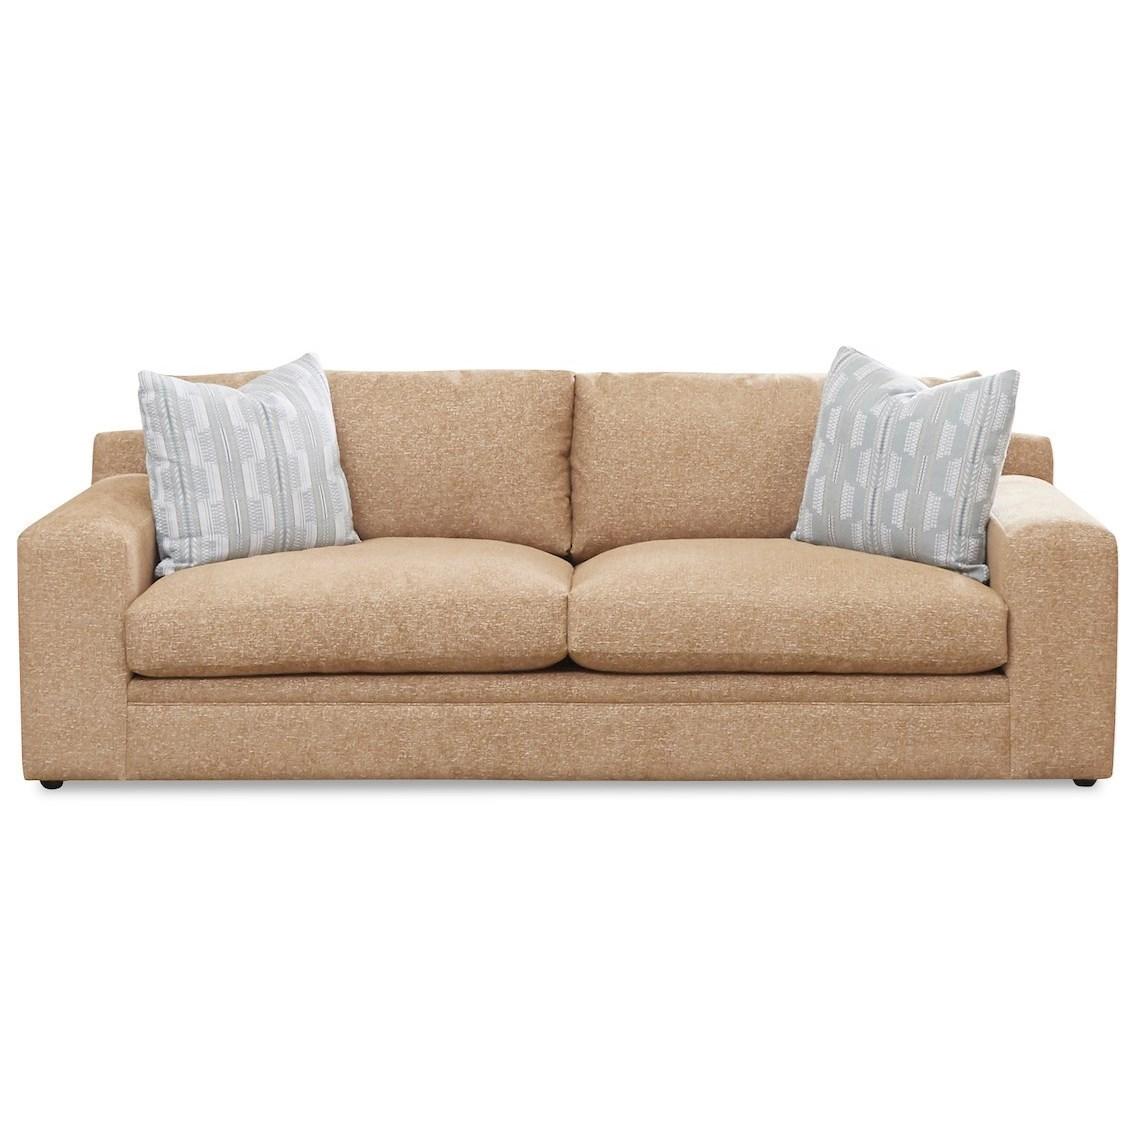 Casa Mesa Sofa by Klaussner at Johnny Janosik